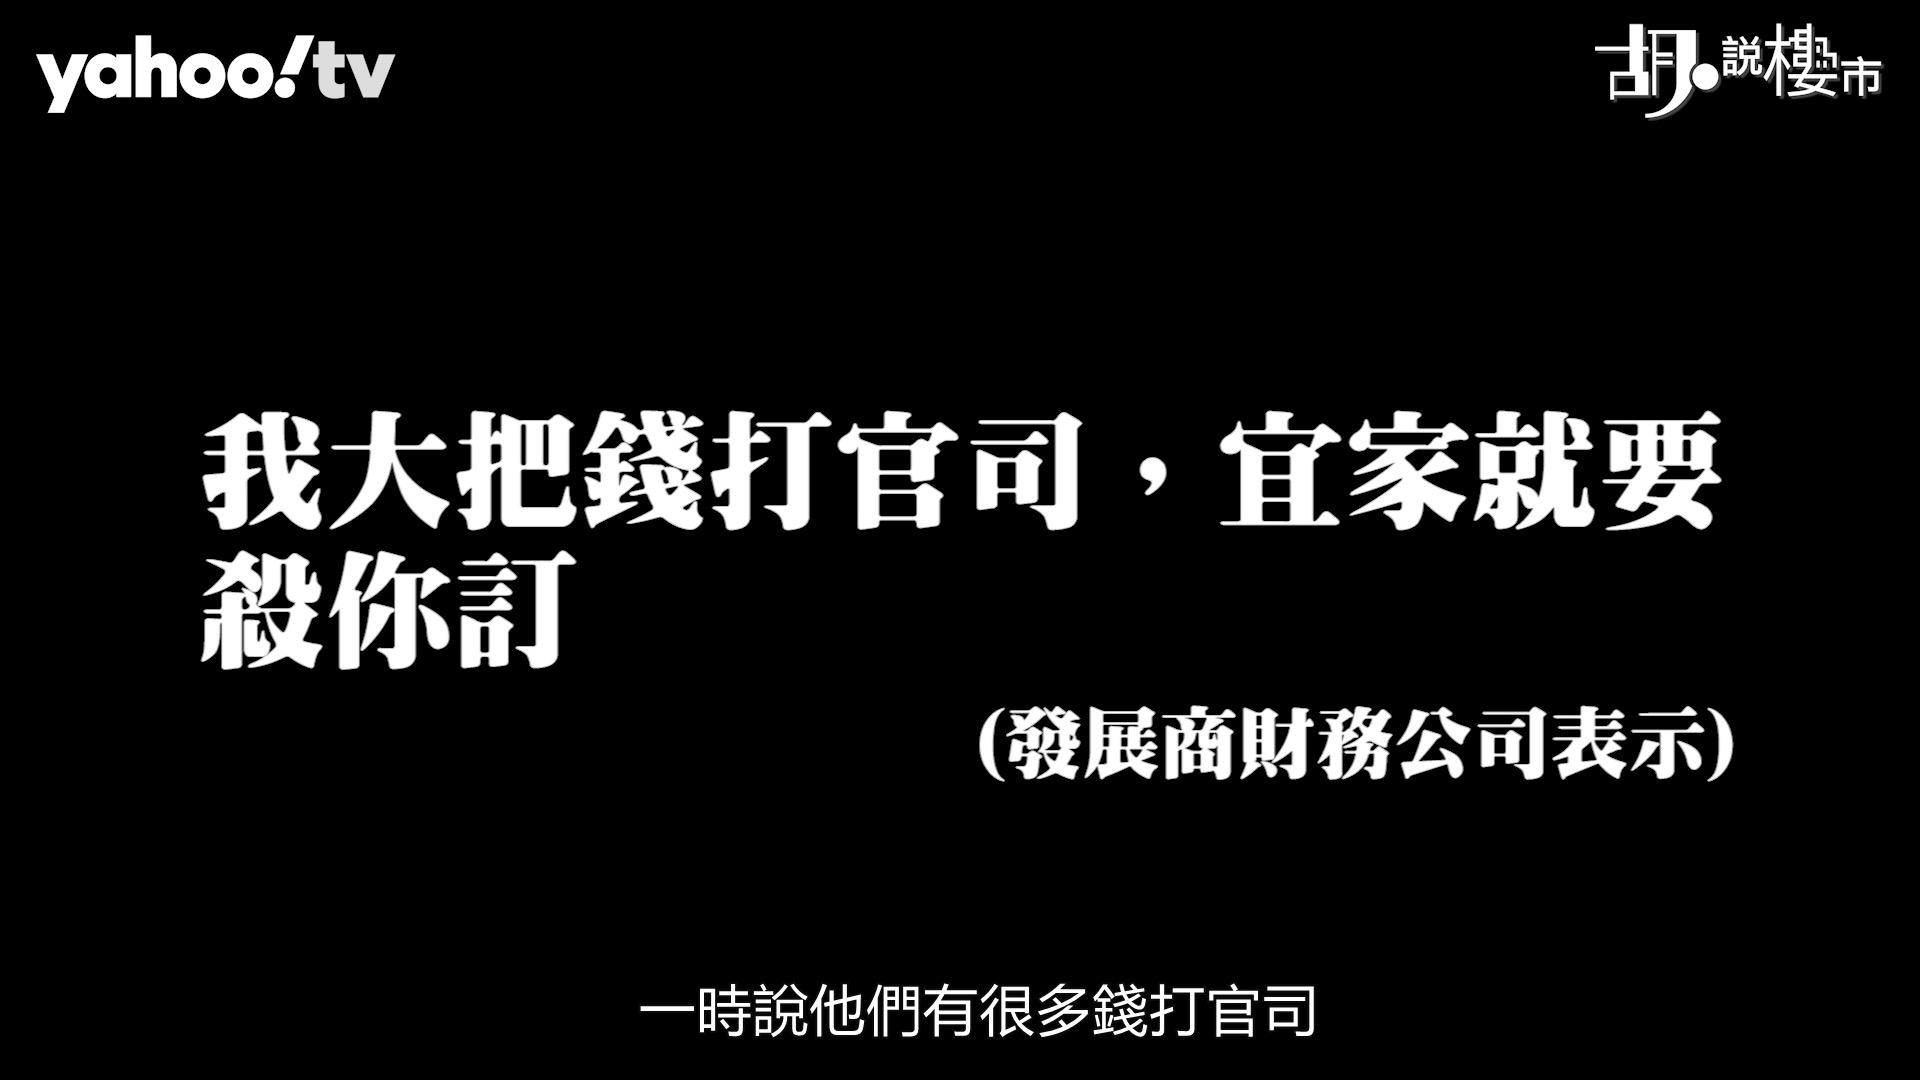 【胡.說樓市】買銀主盤後突被追稅!律師、代理、賣家表演卸膊操!